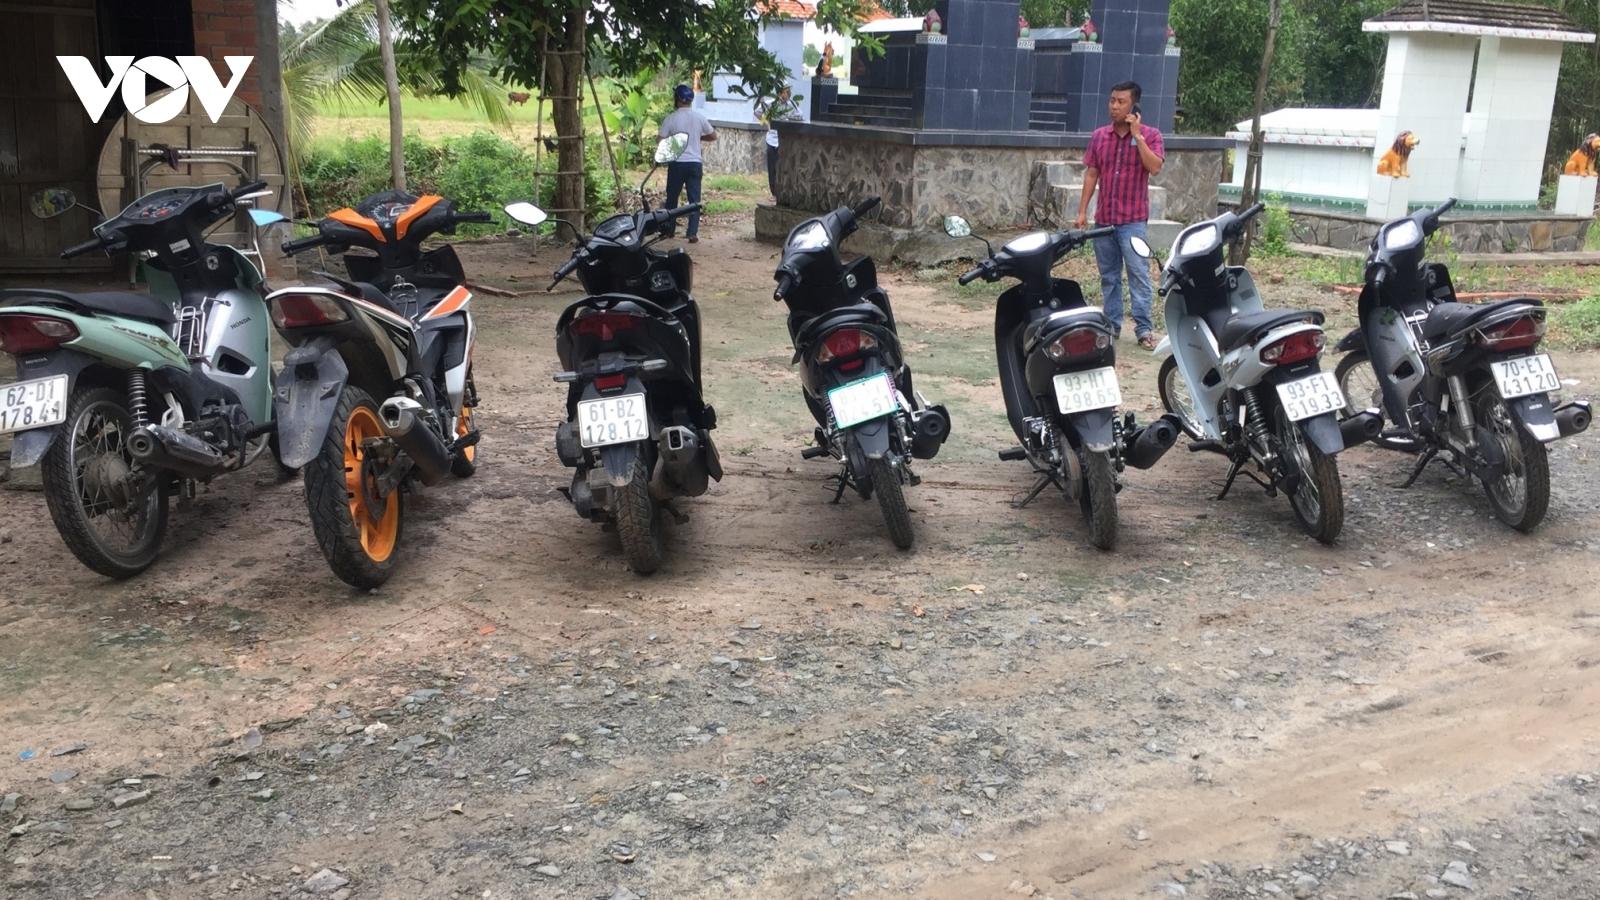 Pháthiện 7 mô tô nghi trộm cắp tại khu vực nhà hoang gần biên giới Campuchia